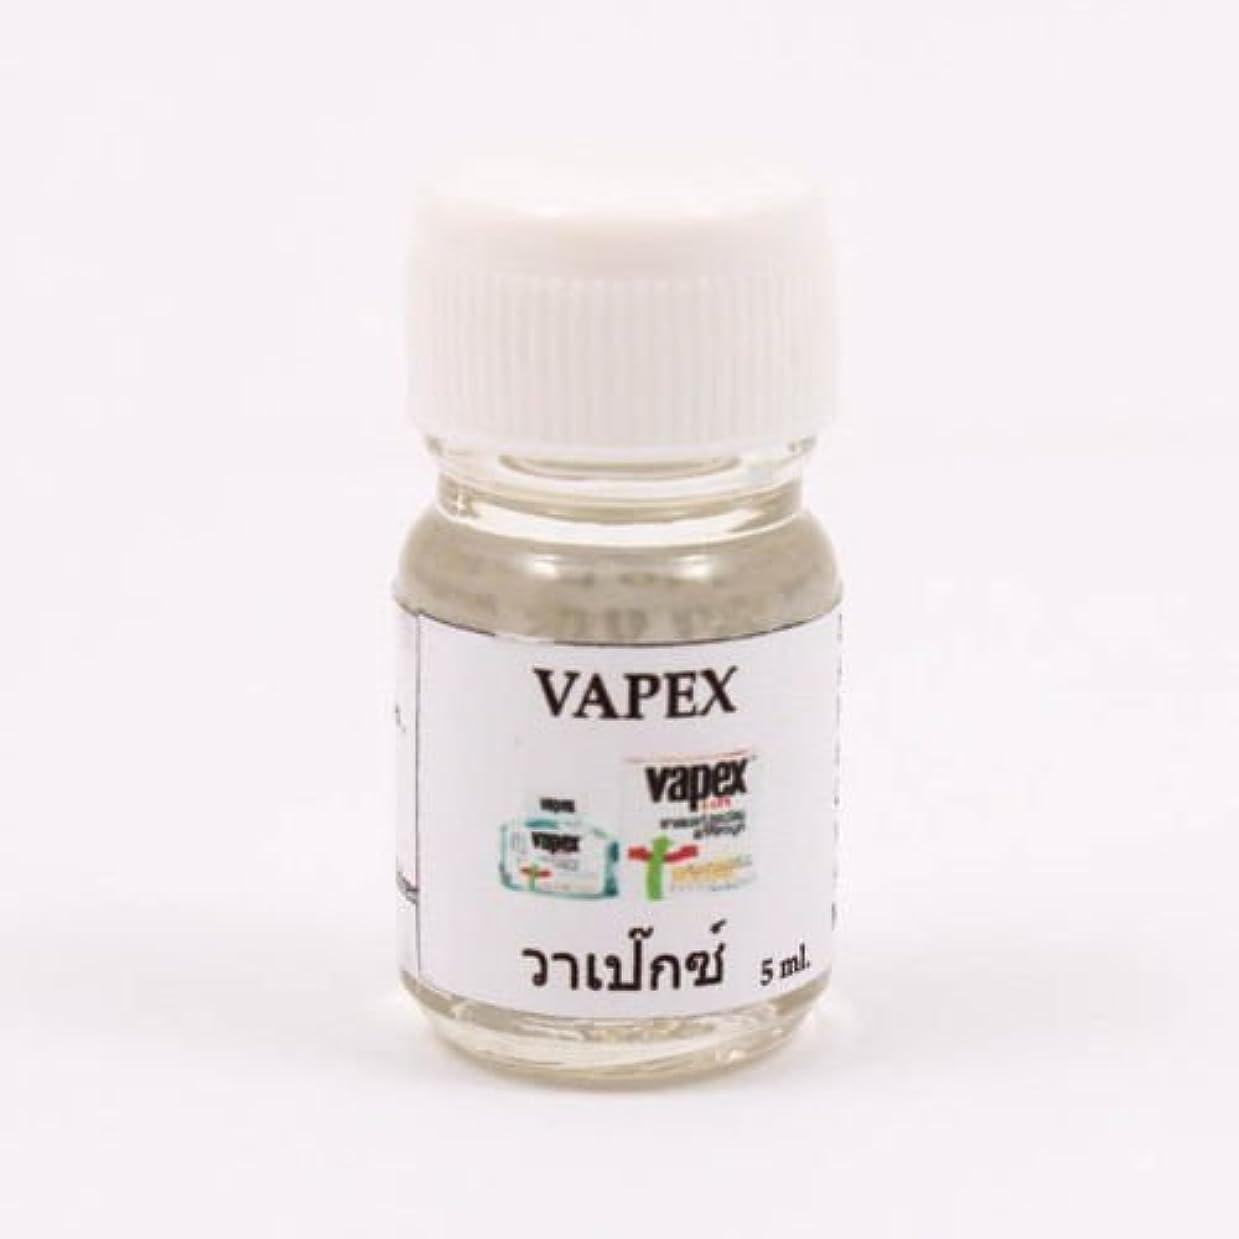 ケイ素キャンペーンジョージスティーブンソン6X Vapex Aroma Fragrance Essential Oil 5ML. (cc) Diffuser Burner Therapy